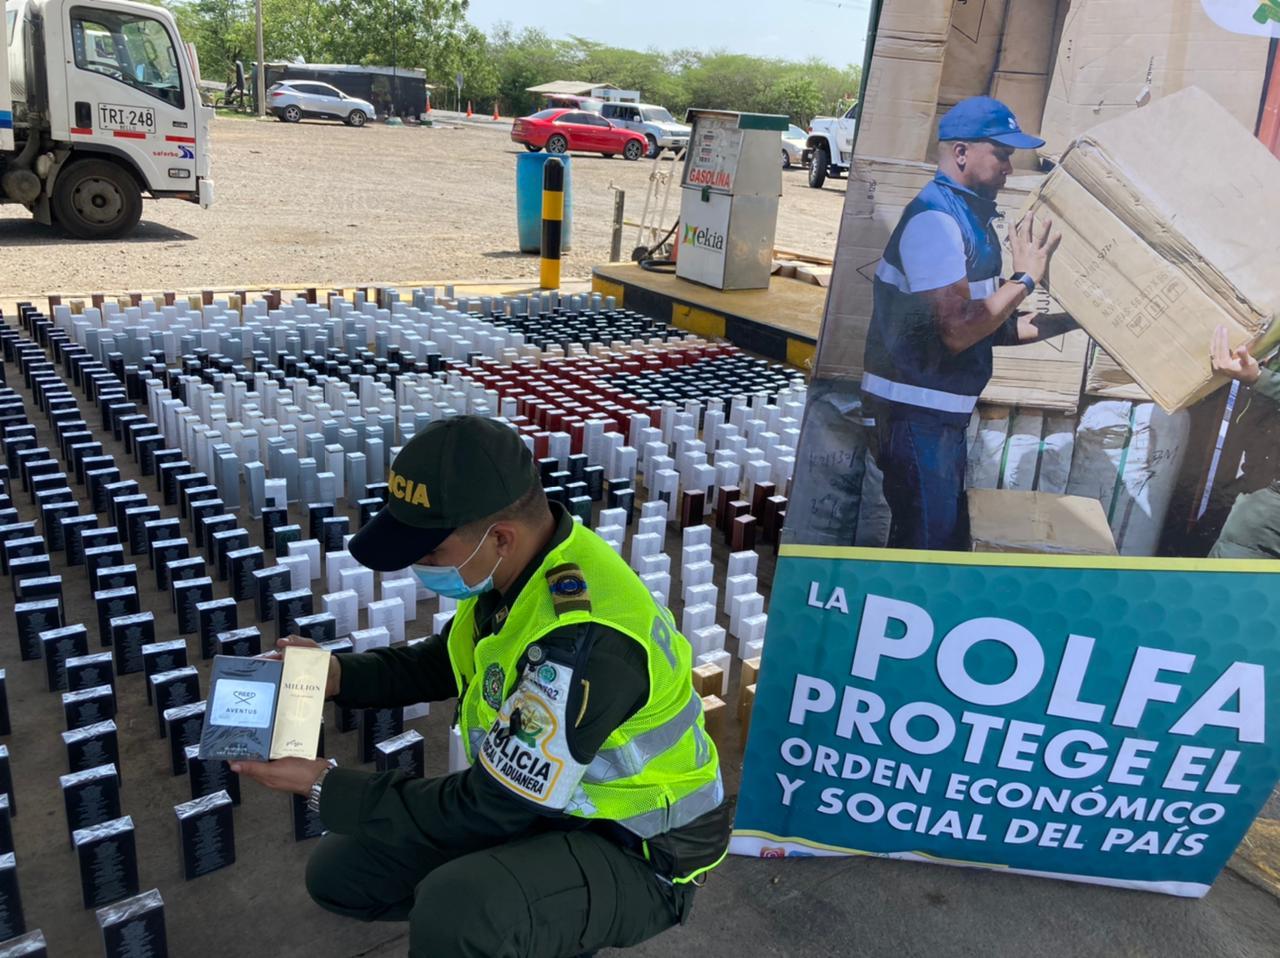 https://www.notasrosas.com/Polfa y Dian decomisan lociones por más de 155 millones de pesos, en El Ebanal